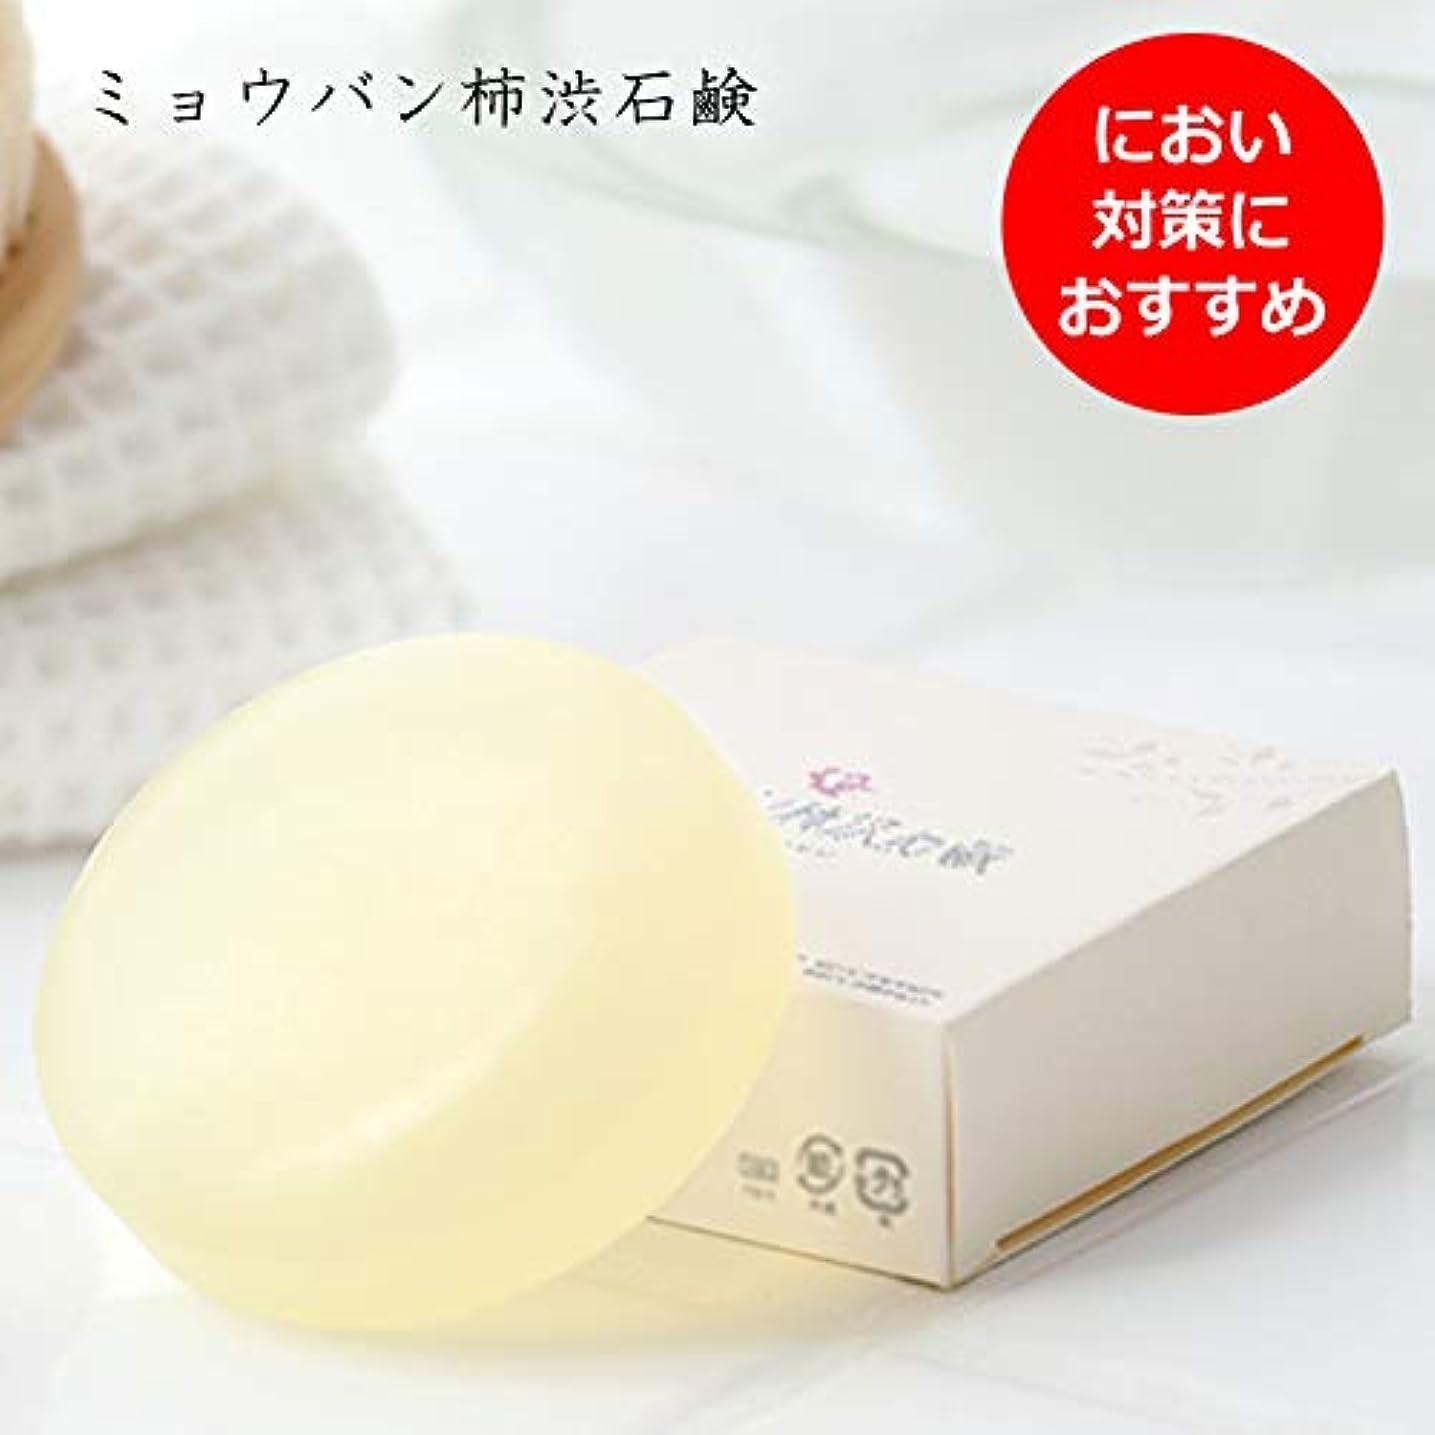 コピー対象規定【単品】ミョウバン柿渋石鹸(ナチュラルクリアソープ) (01個)